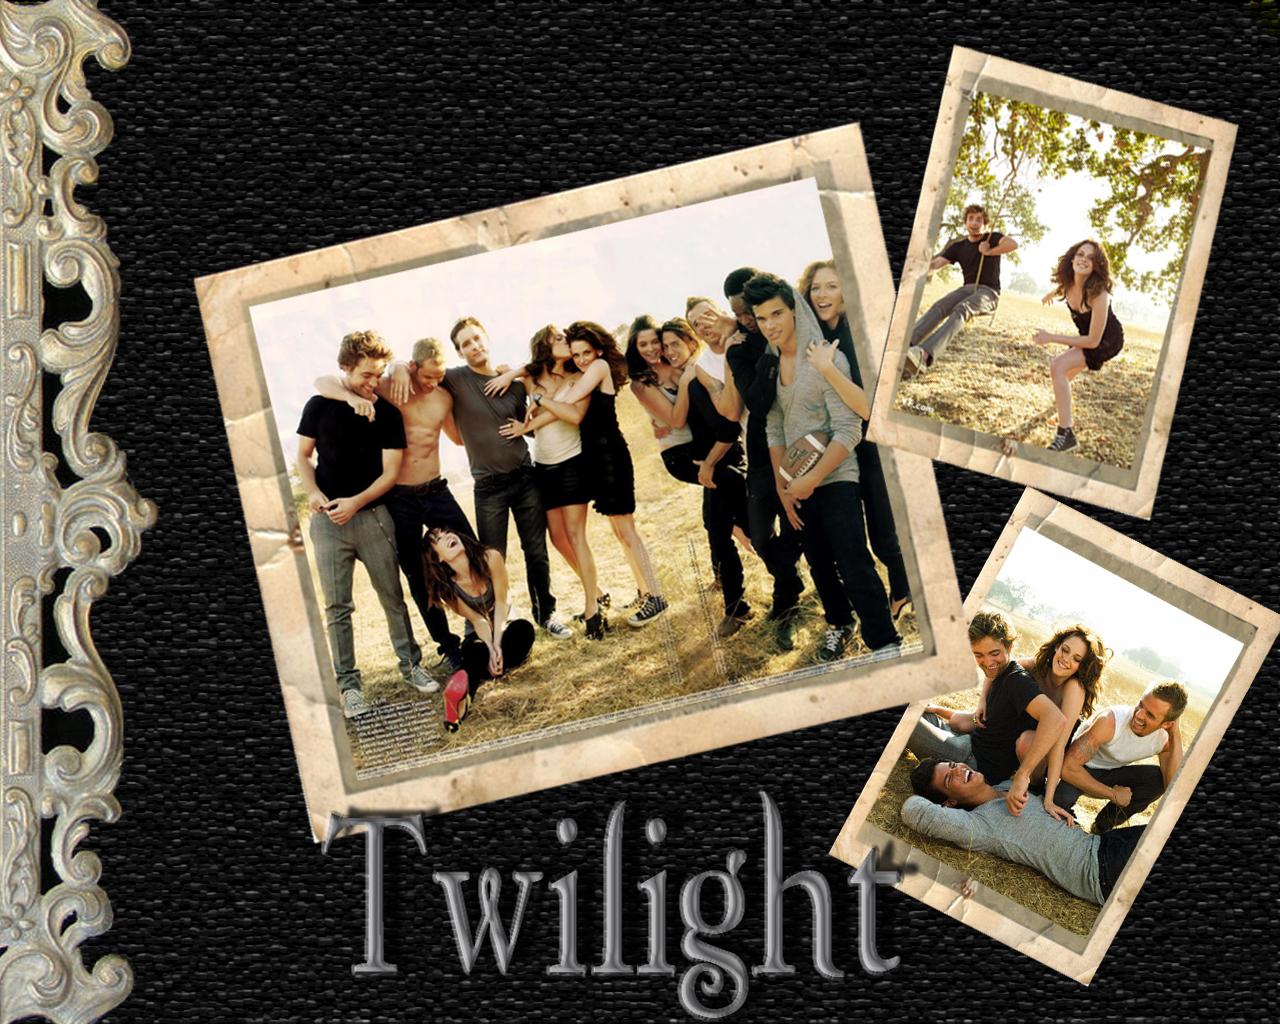 http://fc09.deviantart.com/fs48/f/2009/193/4/c/Twilight_wallpaper_by_linda_Bee.jpg